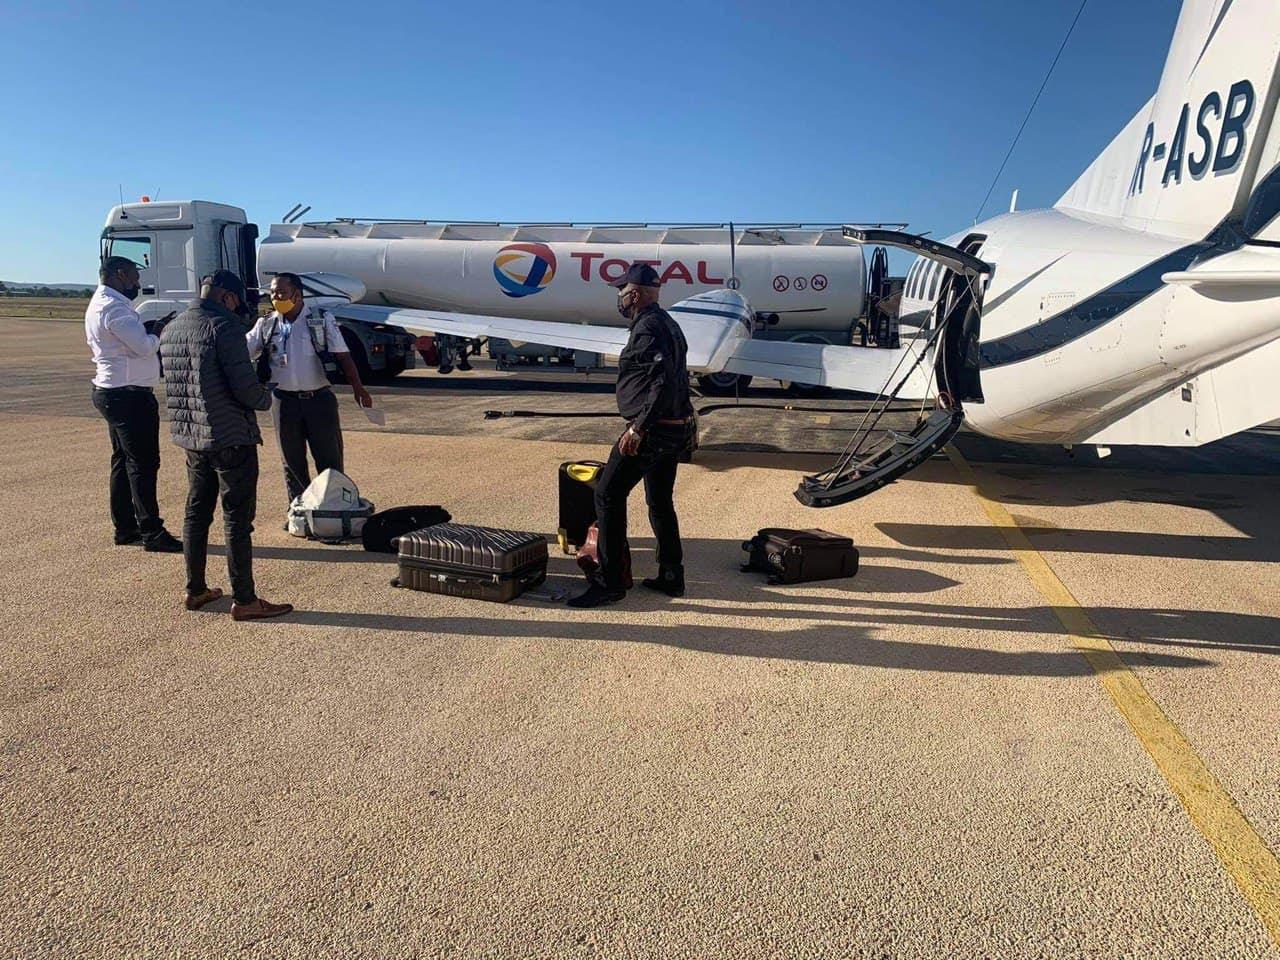 Les contrebandiers d'or présumés sont contrôlés par la douane, sur l'aéroport de Tuléar, avant le vol à destination de Johannesburg, le 31 décembre 2020.